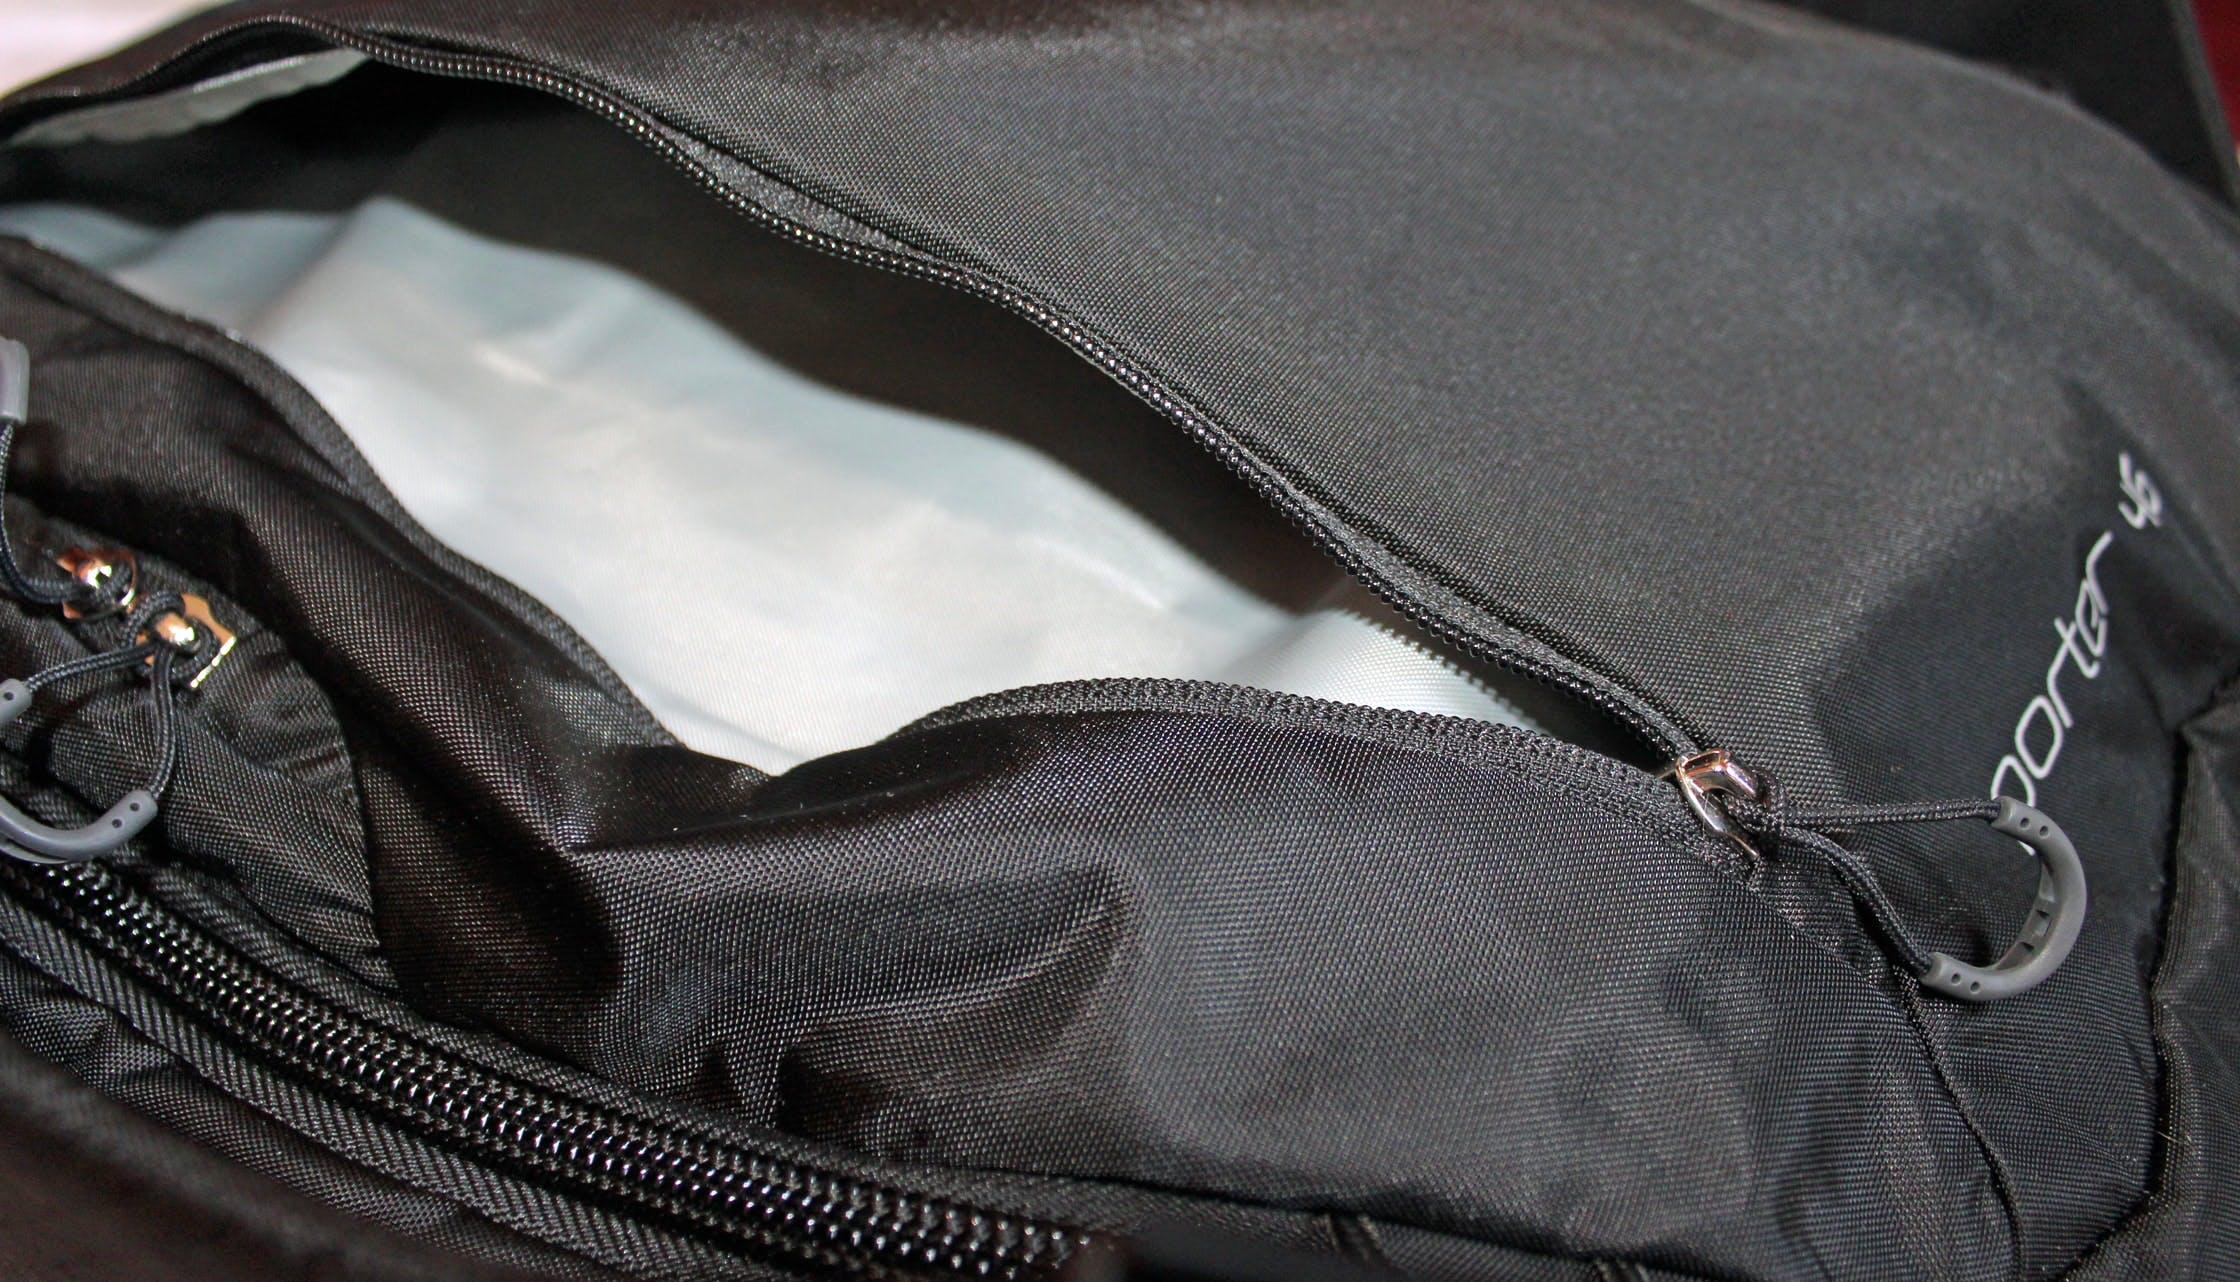 Osprey Porter 46 Front Pocket